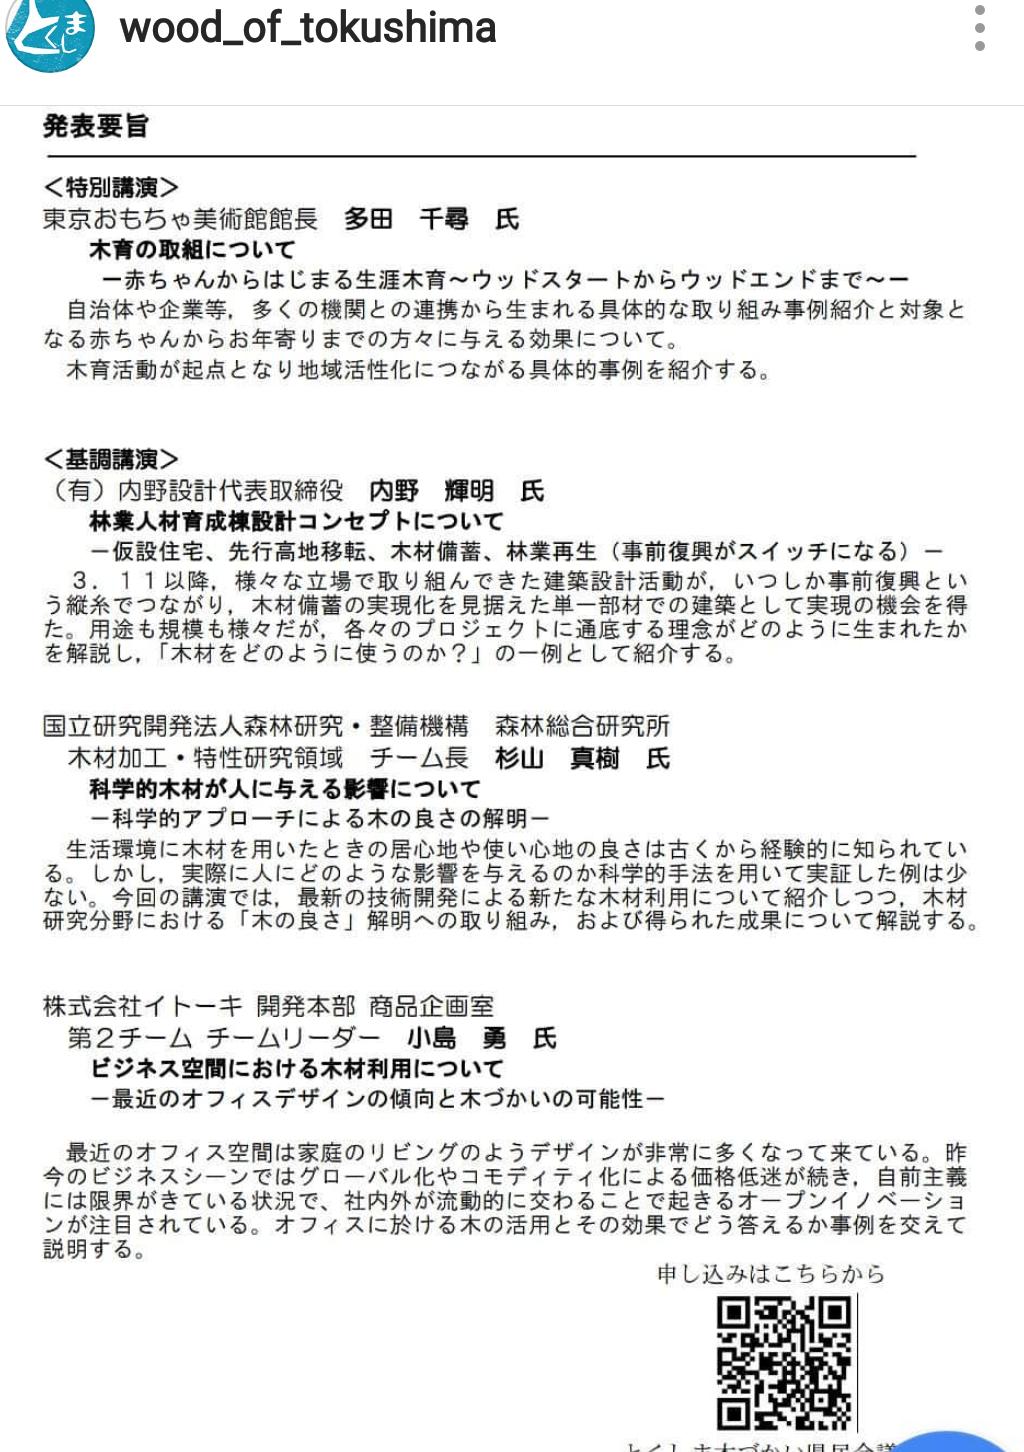 2018/7/6 とくしま木づかい県民会議 木育サミットin徳島 プレイベント開催!